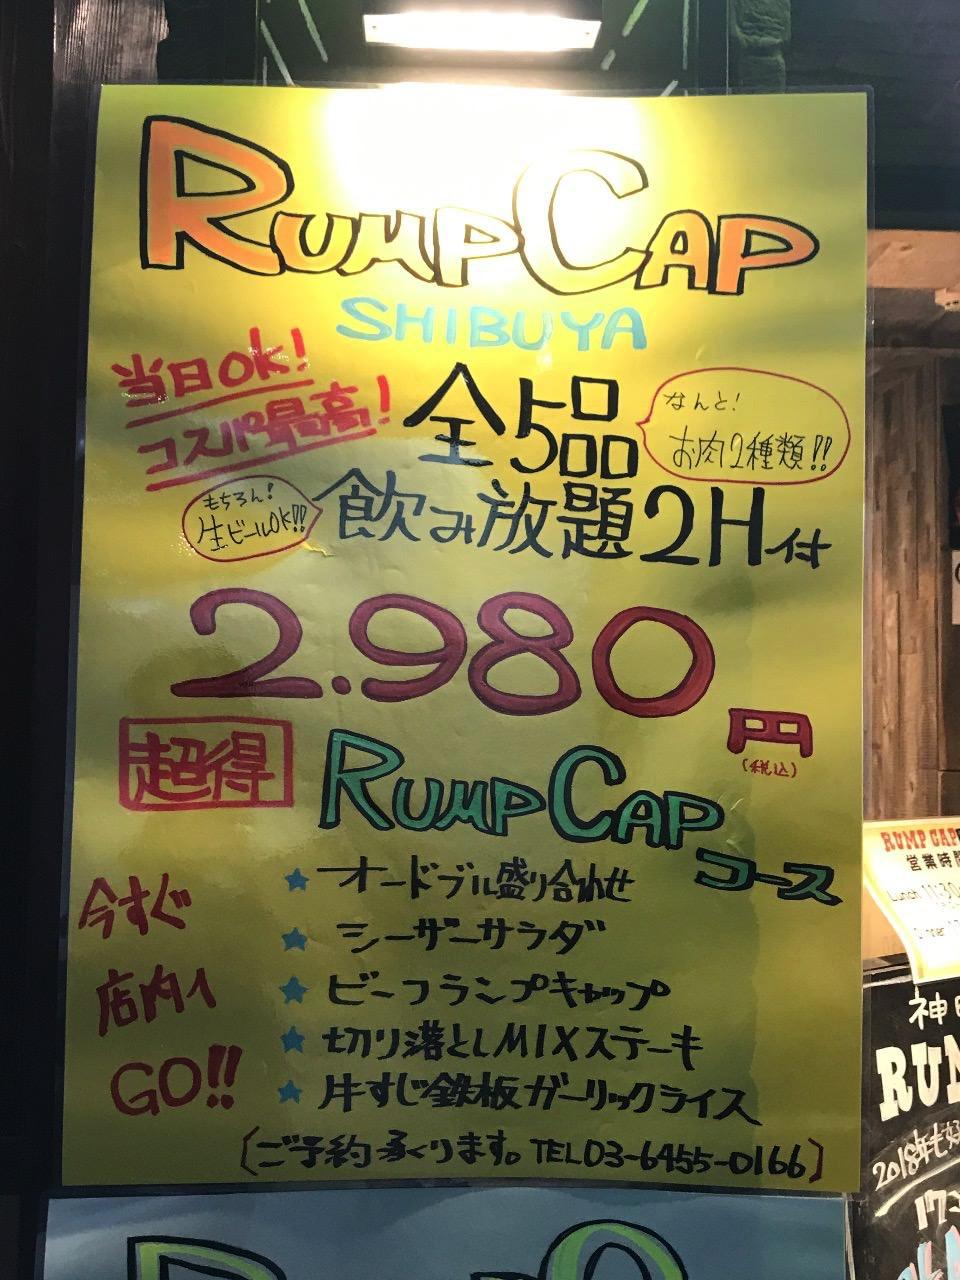 ランプキャップ渋谷店 料理5品+飲み放題で2,900円